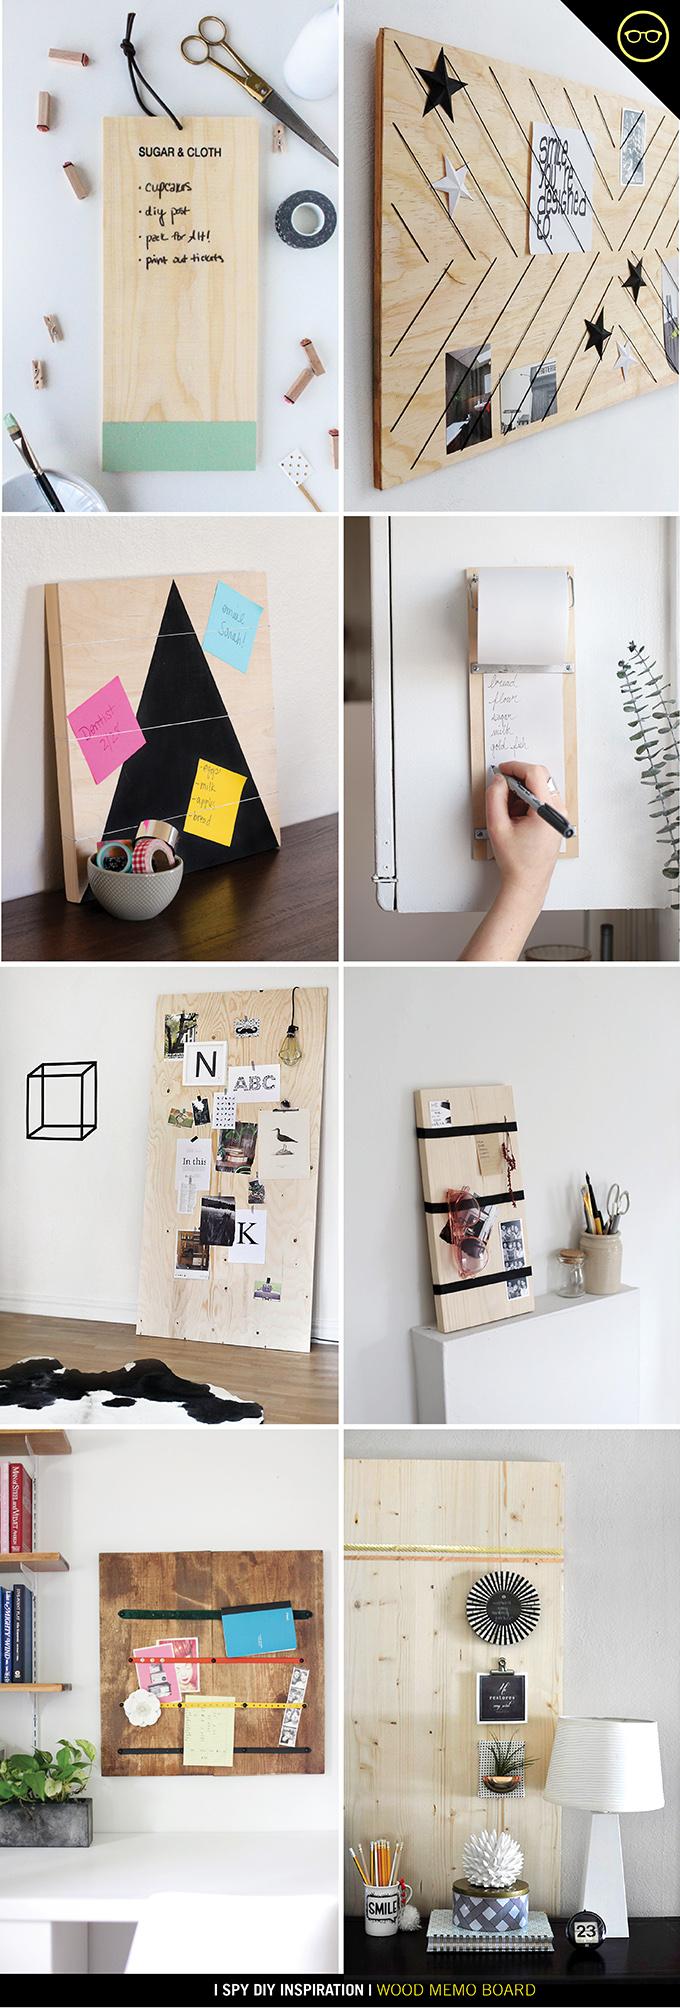 Diy Inspiration Wood Memo Board